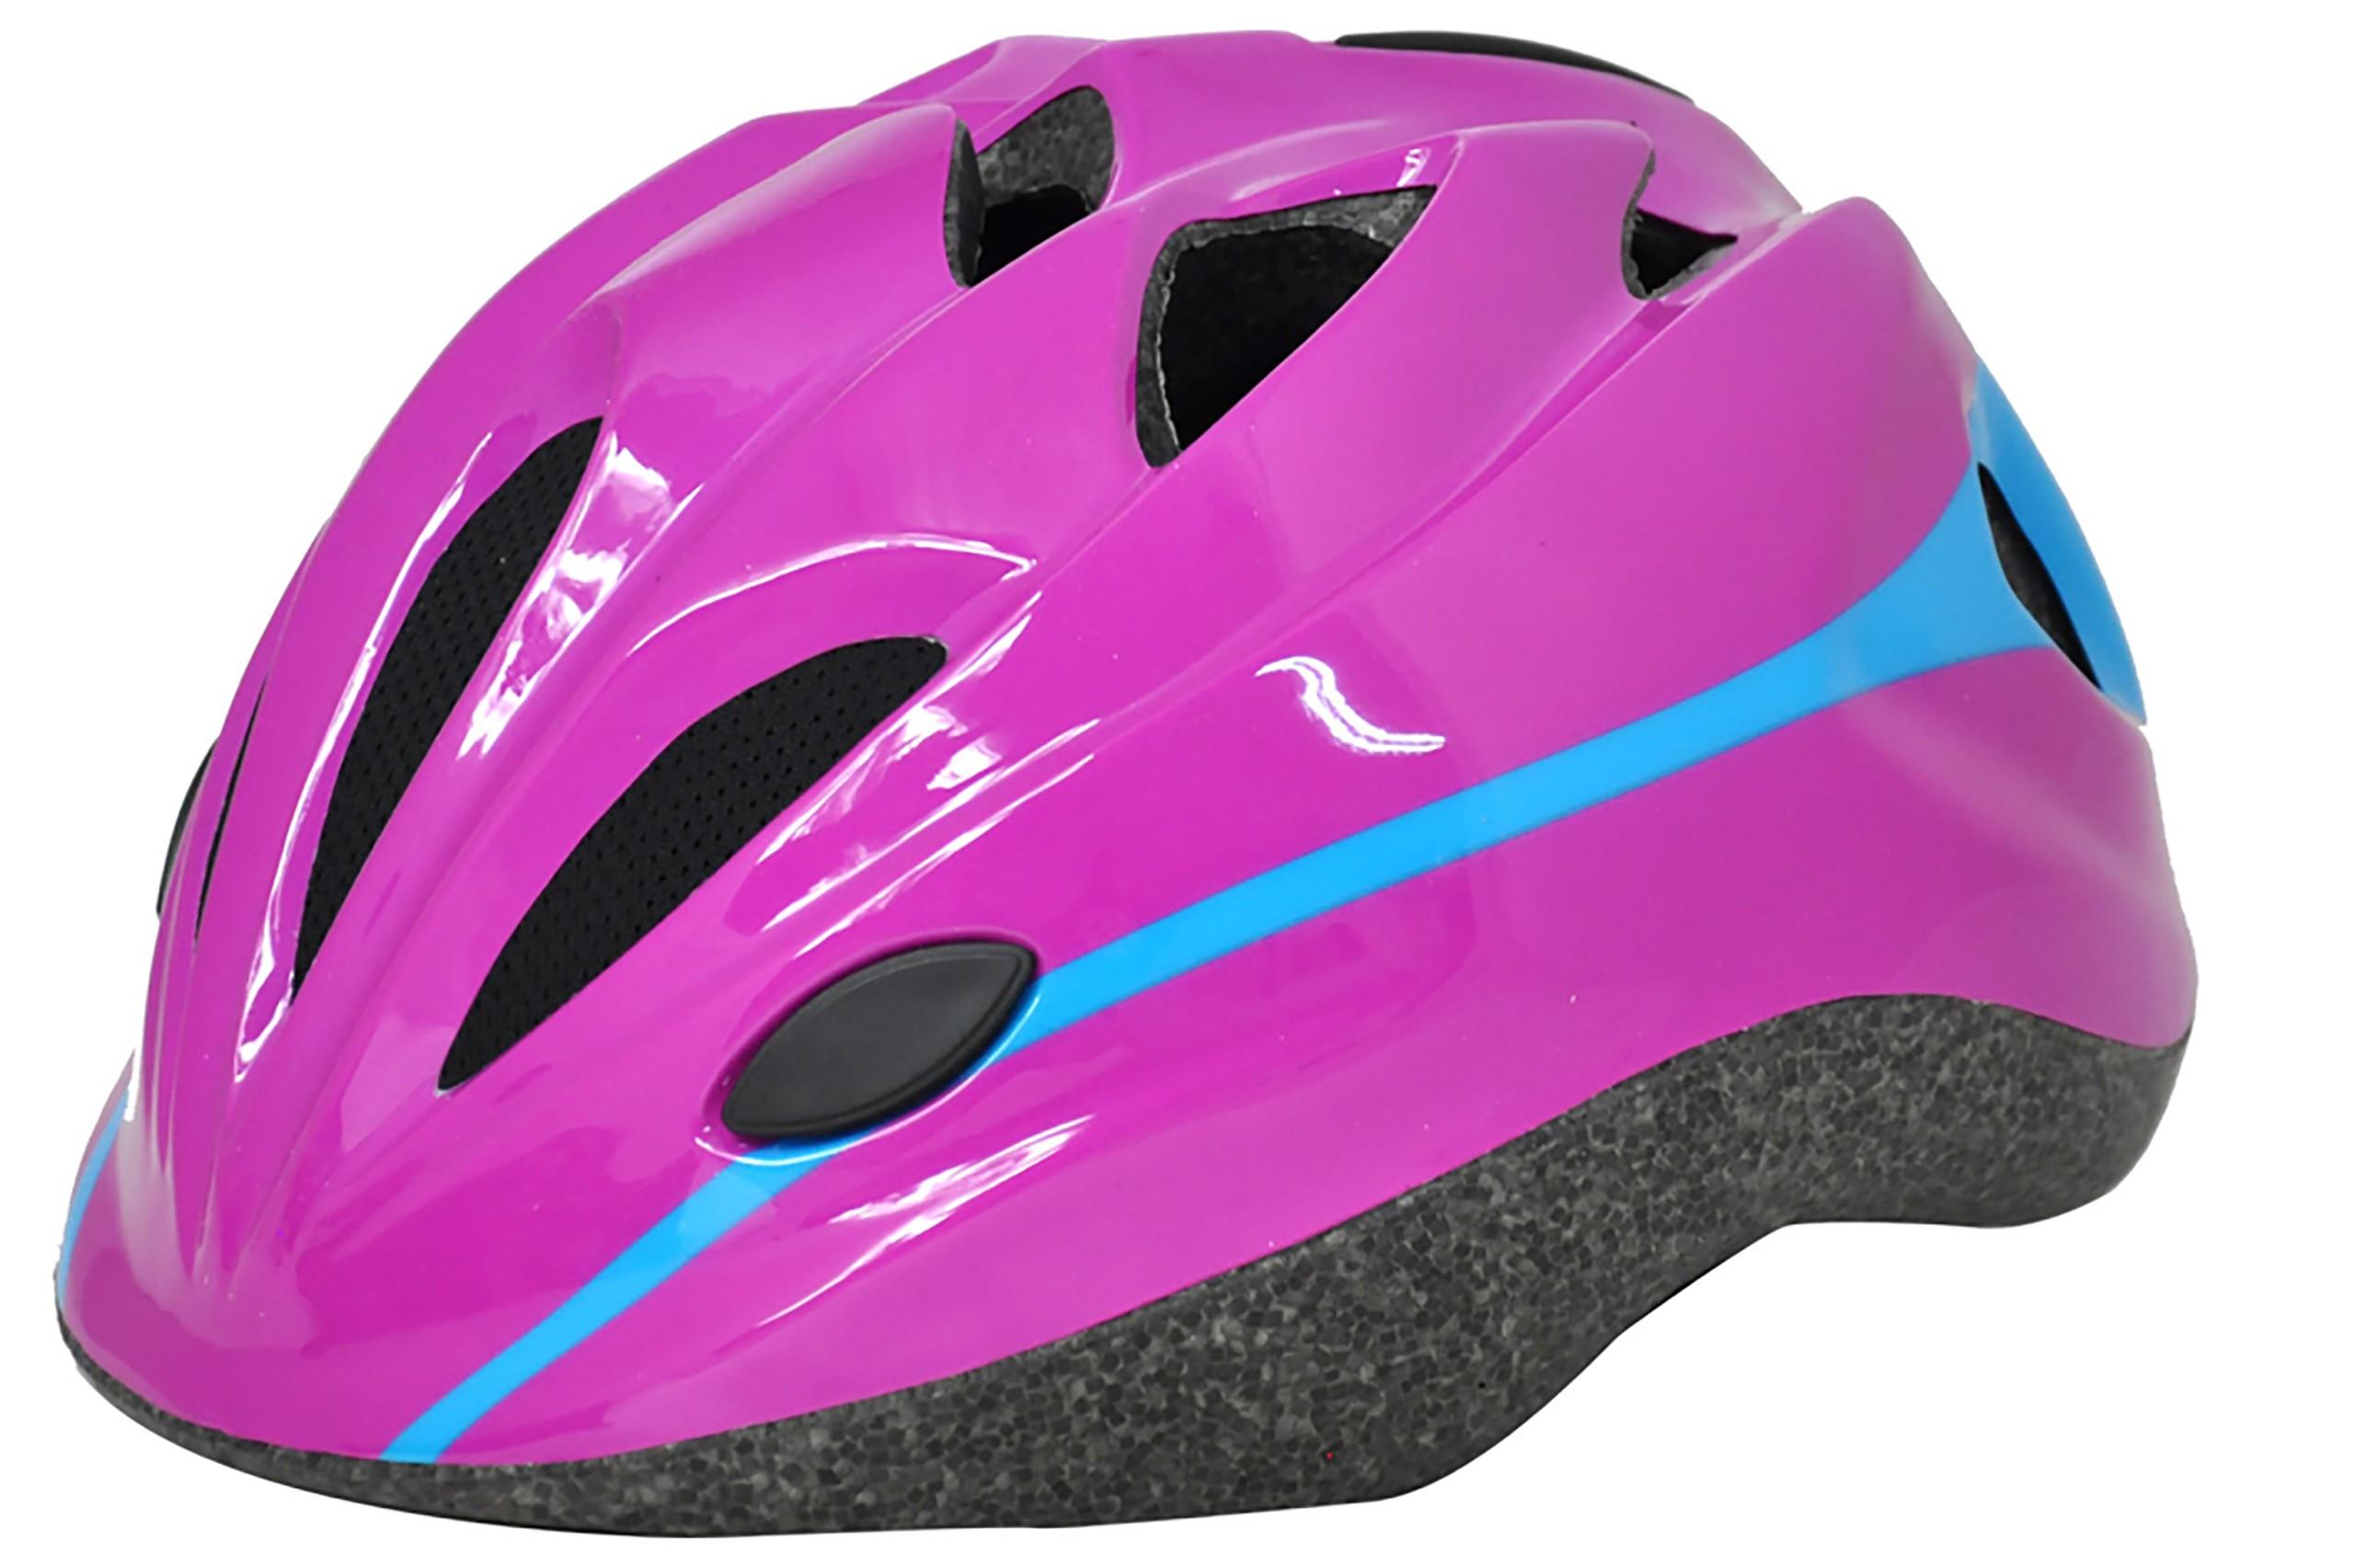 Kask rowerowy dziecięcy AXER COOL różowo-niebieski S